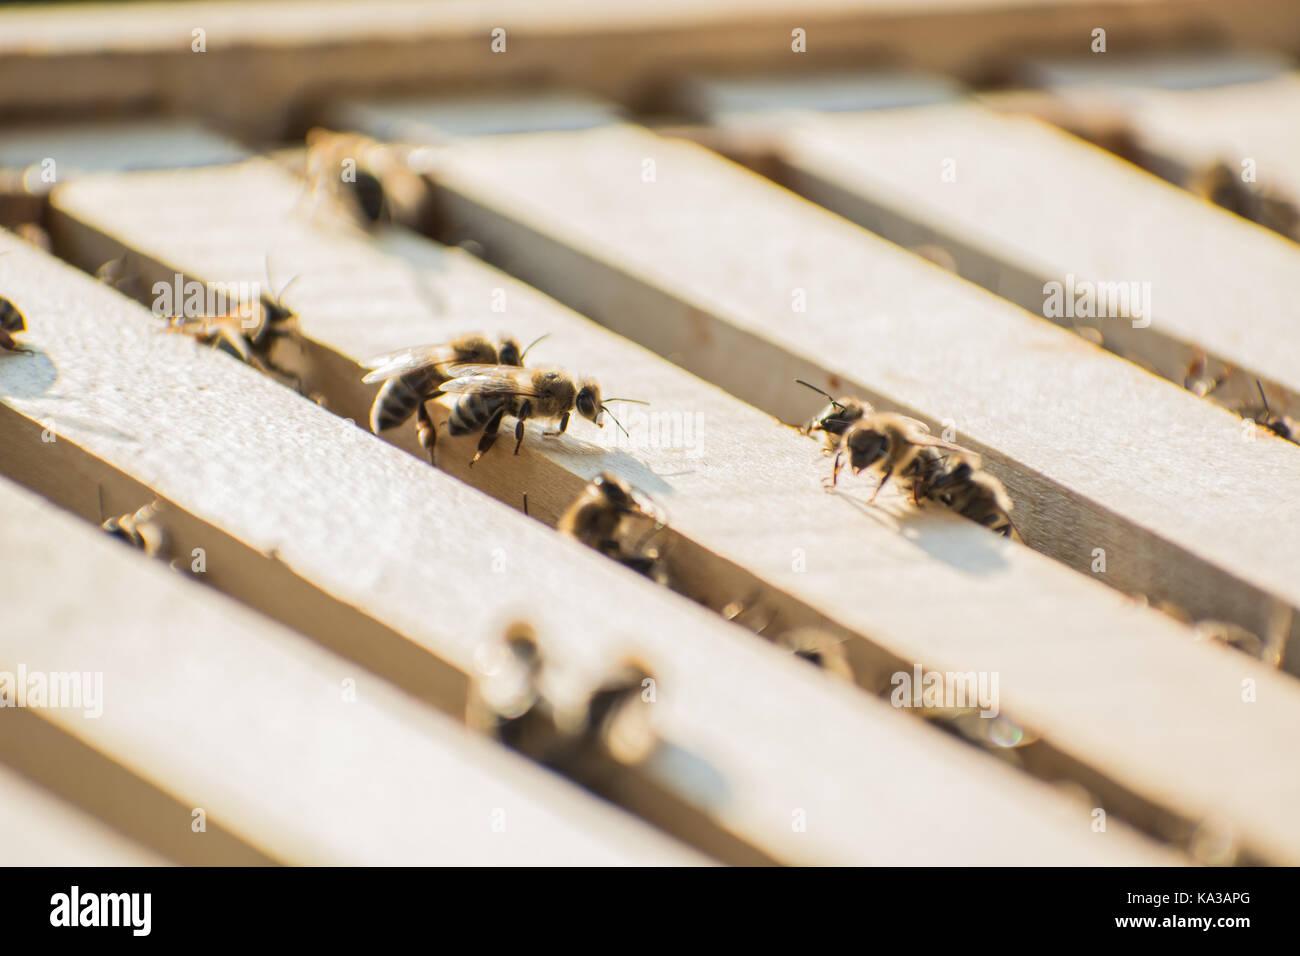 Marcos de abejas en colmenas de abejas con abejas en ellas, recogiendo el néctar de las flores Imagen De Stock